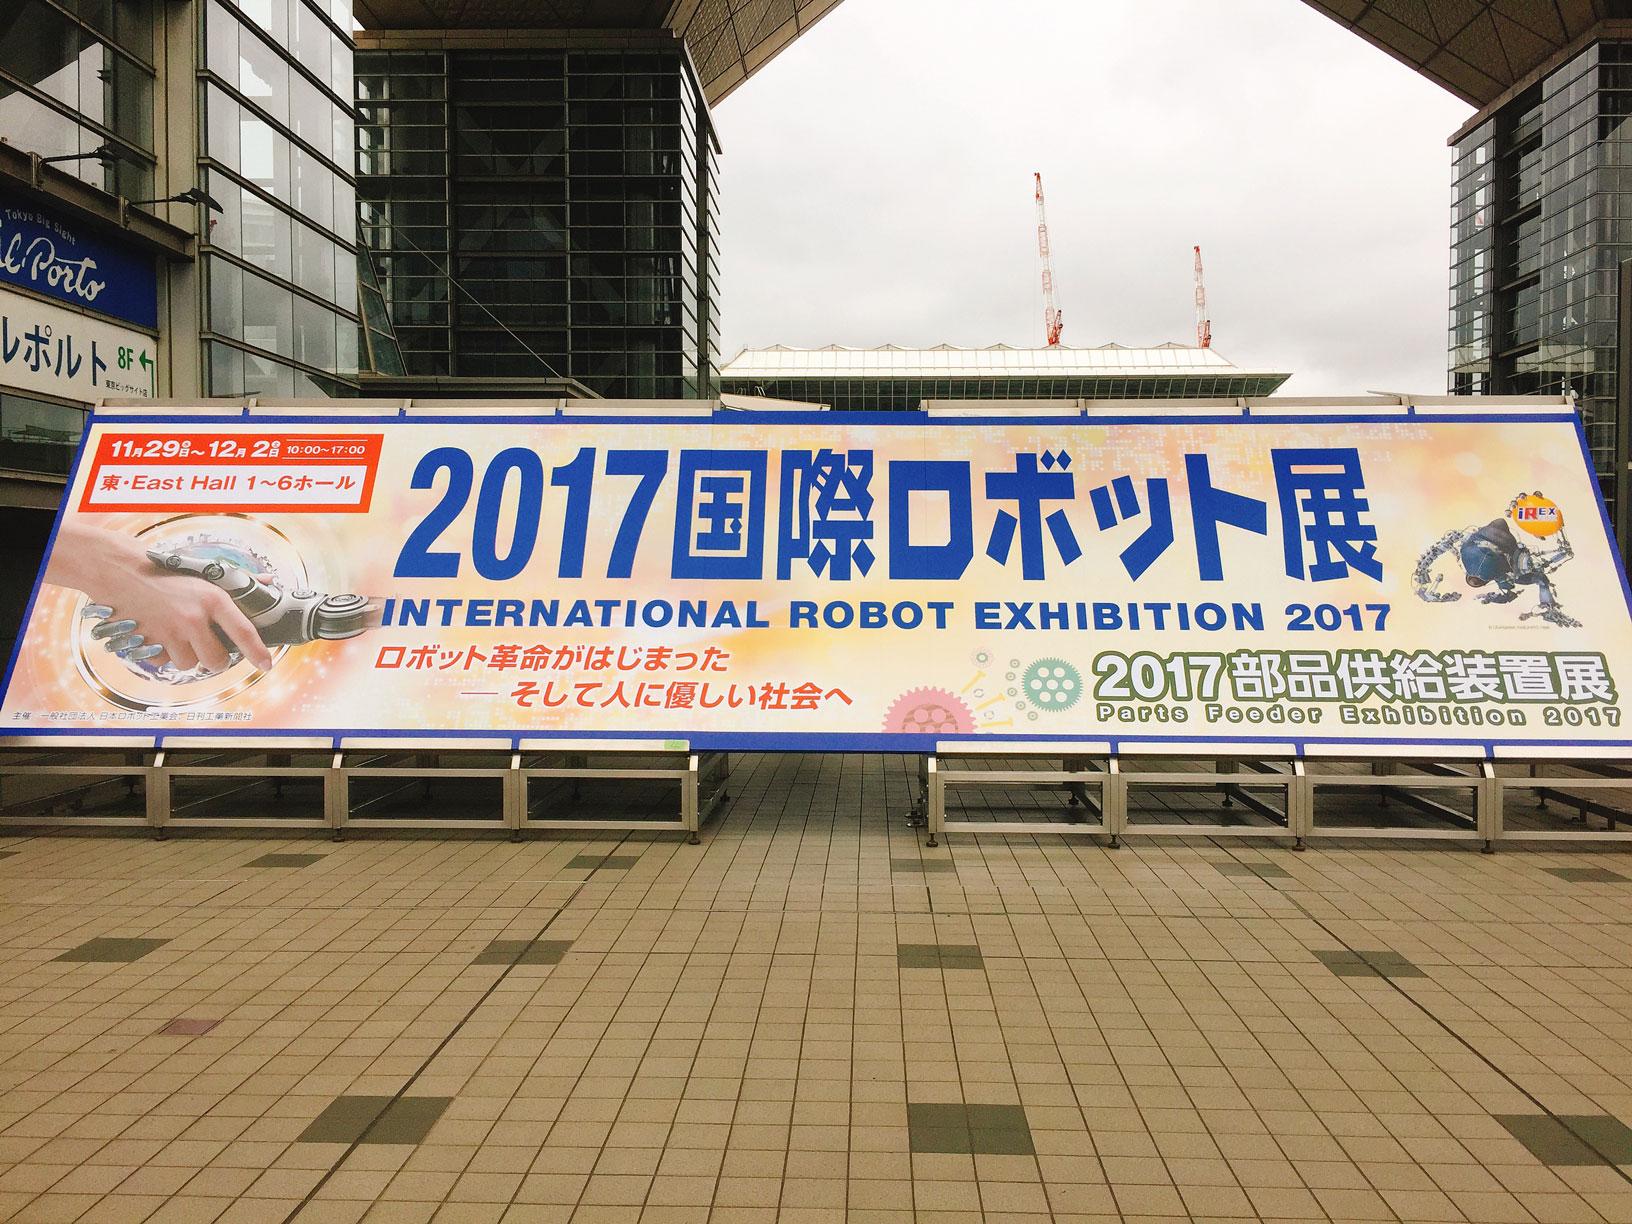 【イベントレポ】2017国際ロボット展行ってきました